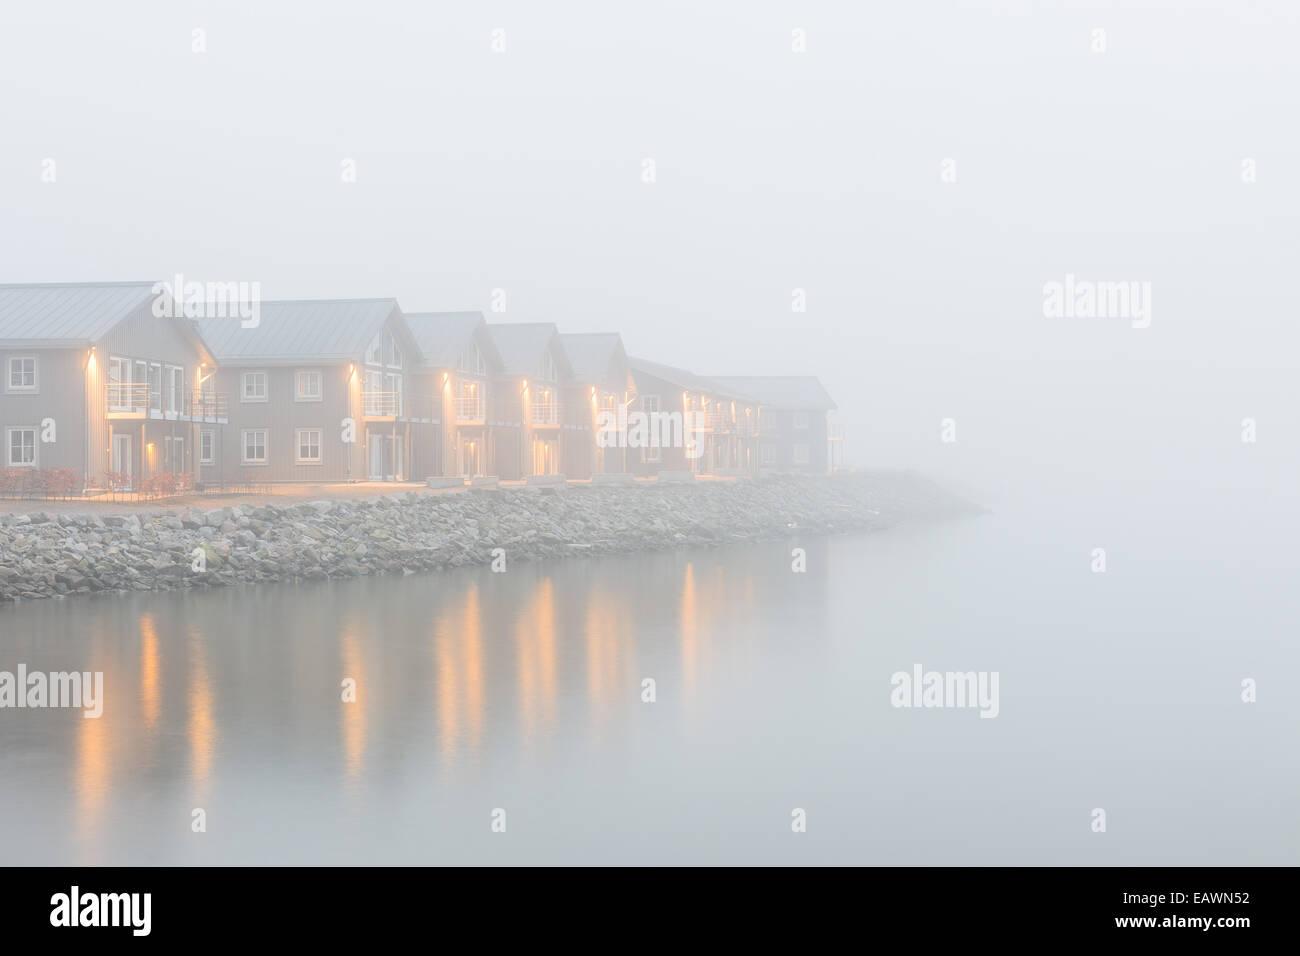 Rangée de maisons le long d'un lac sur un soir brumeux Photo Stock